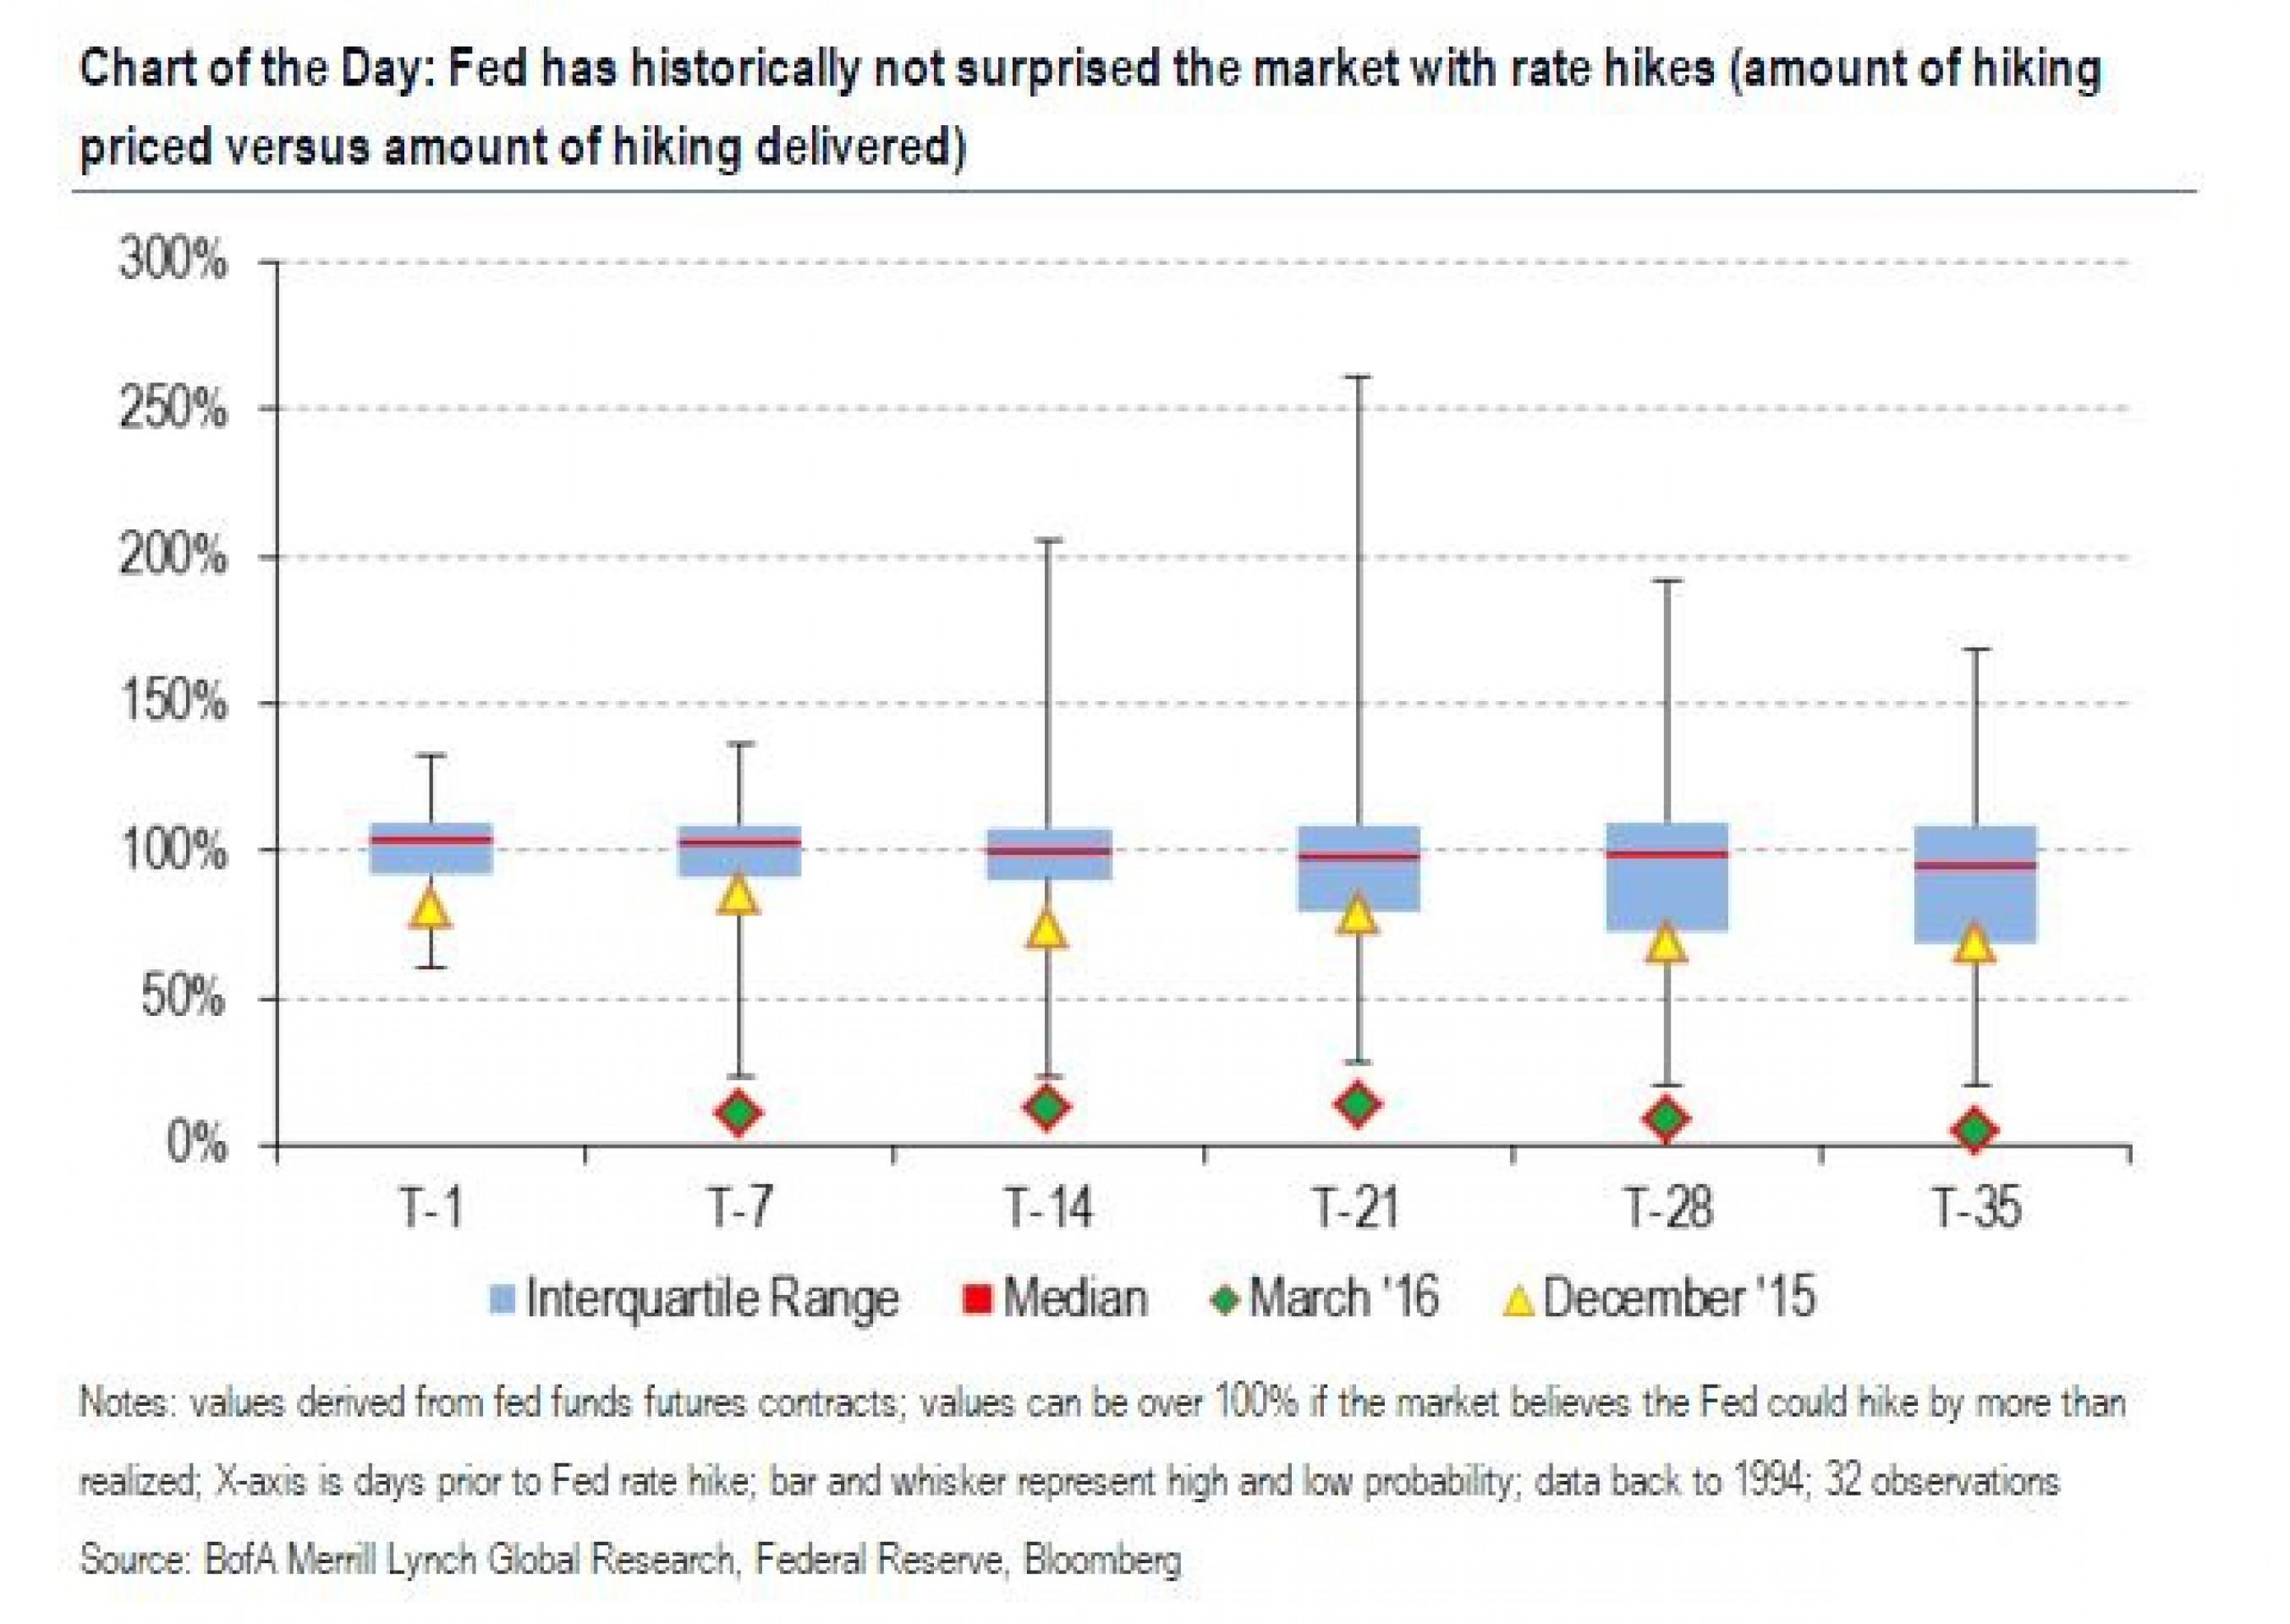 ФРС должна наказать рынок повышением ставки